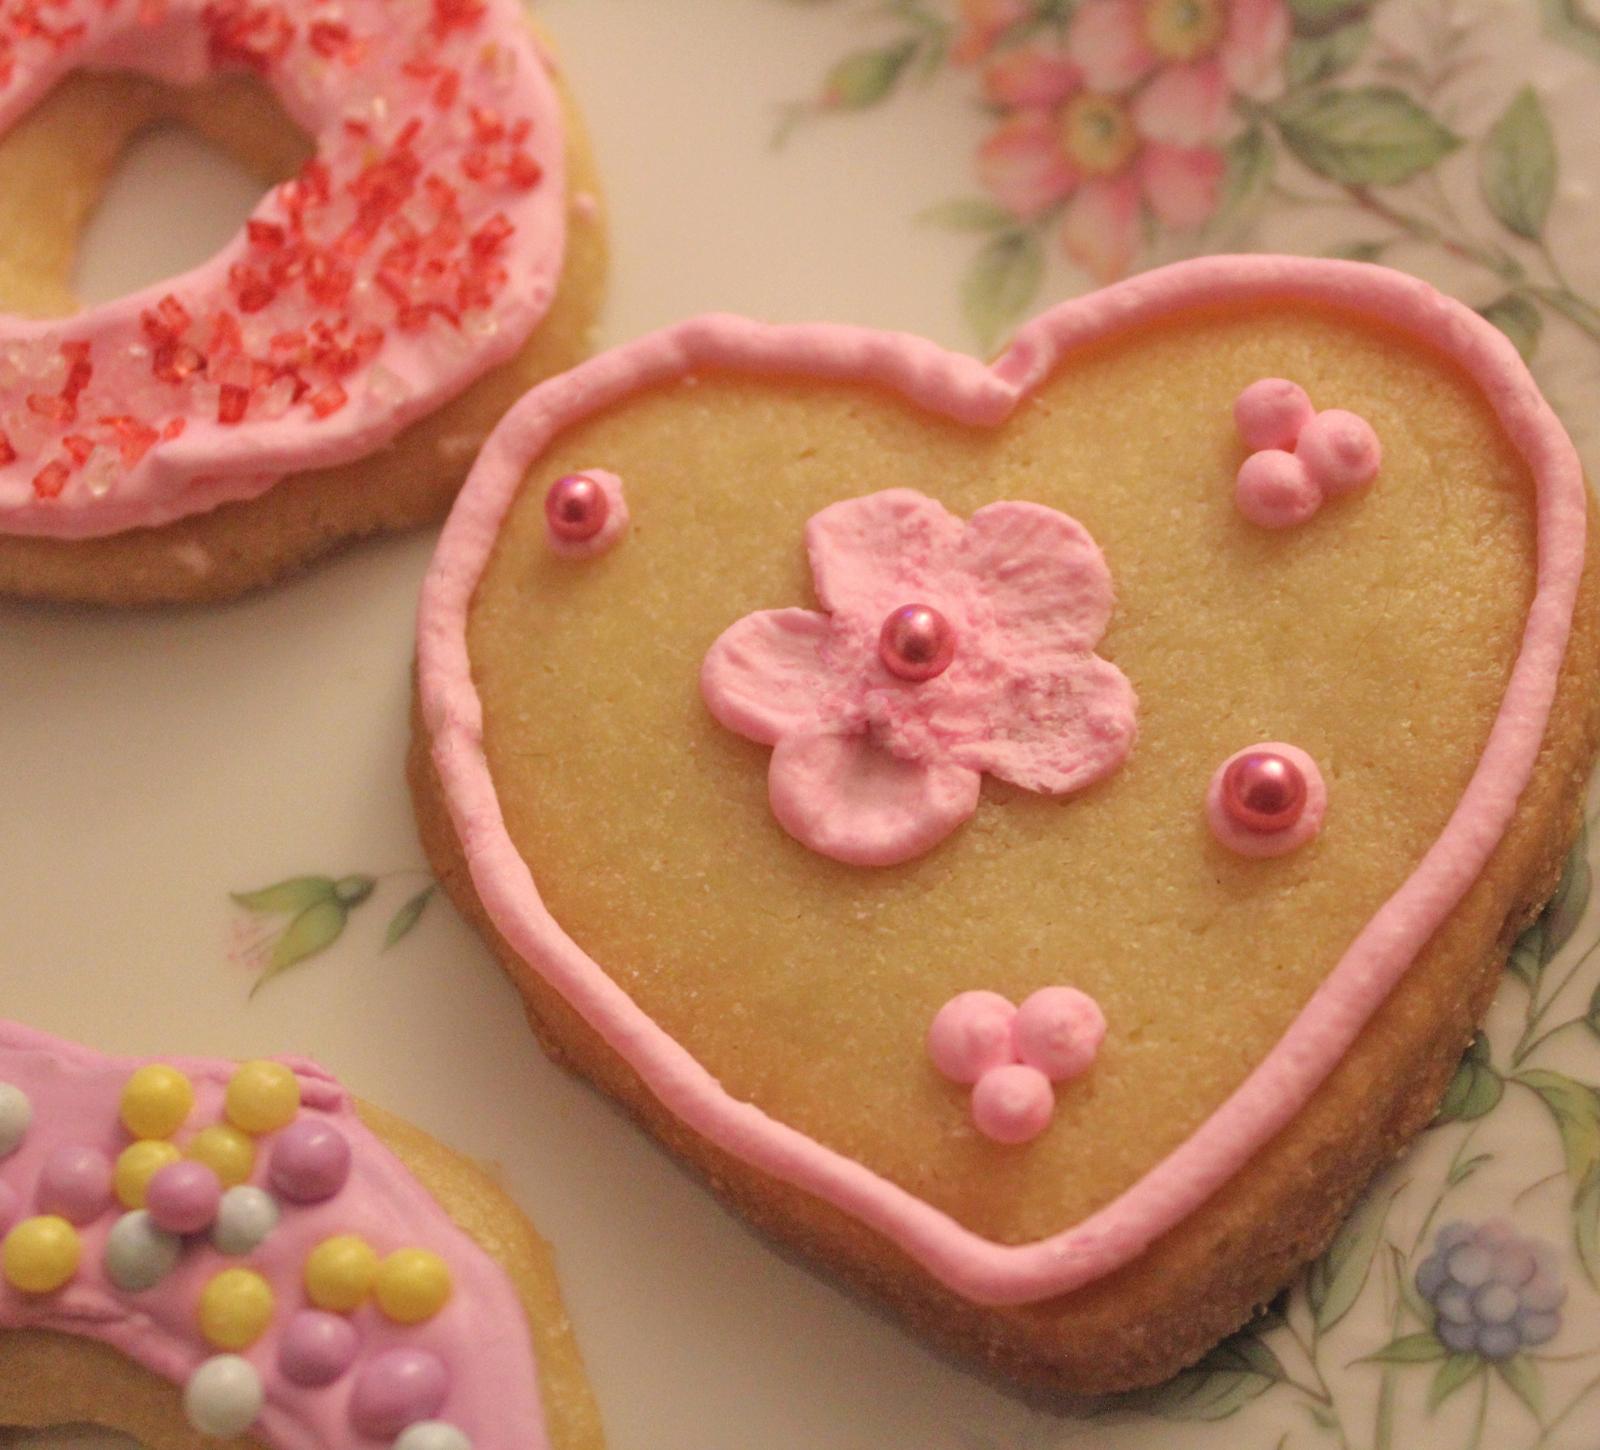 vday-cookies-4